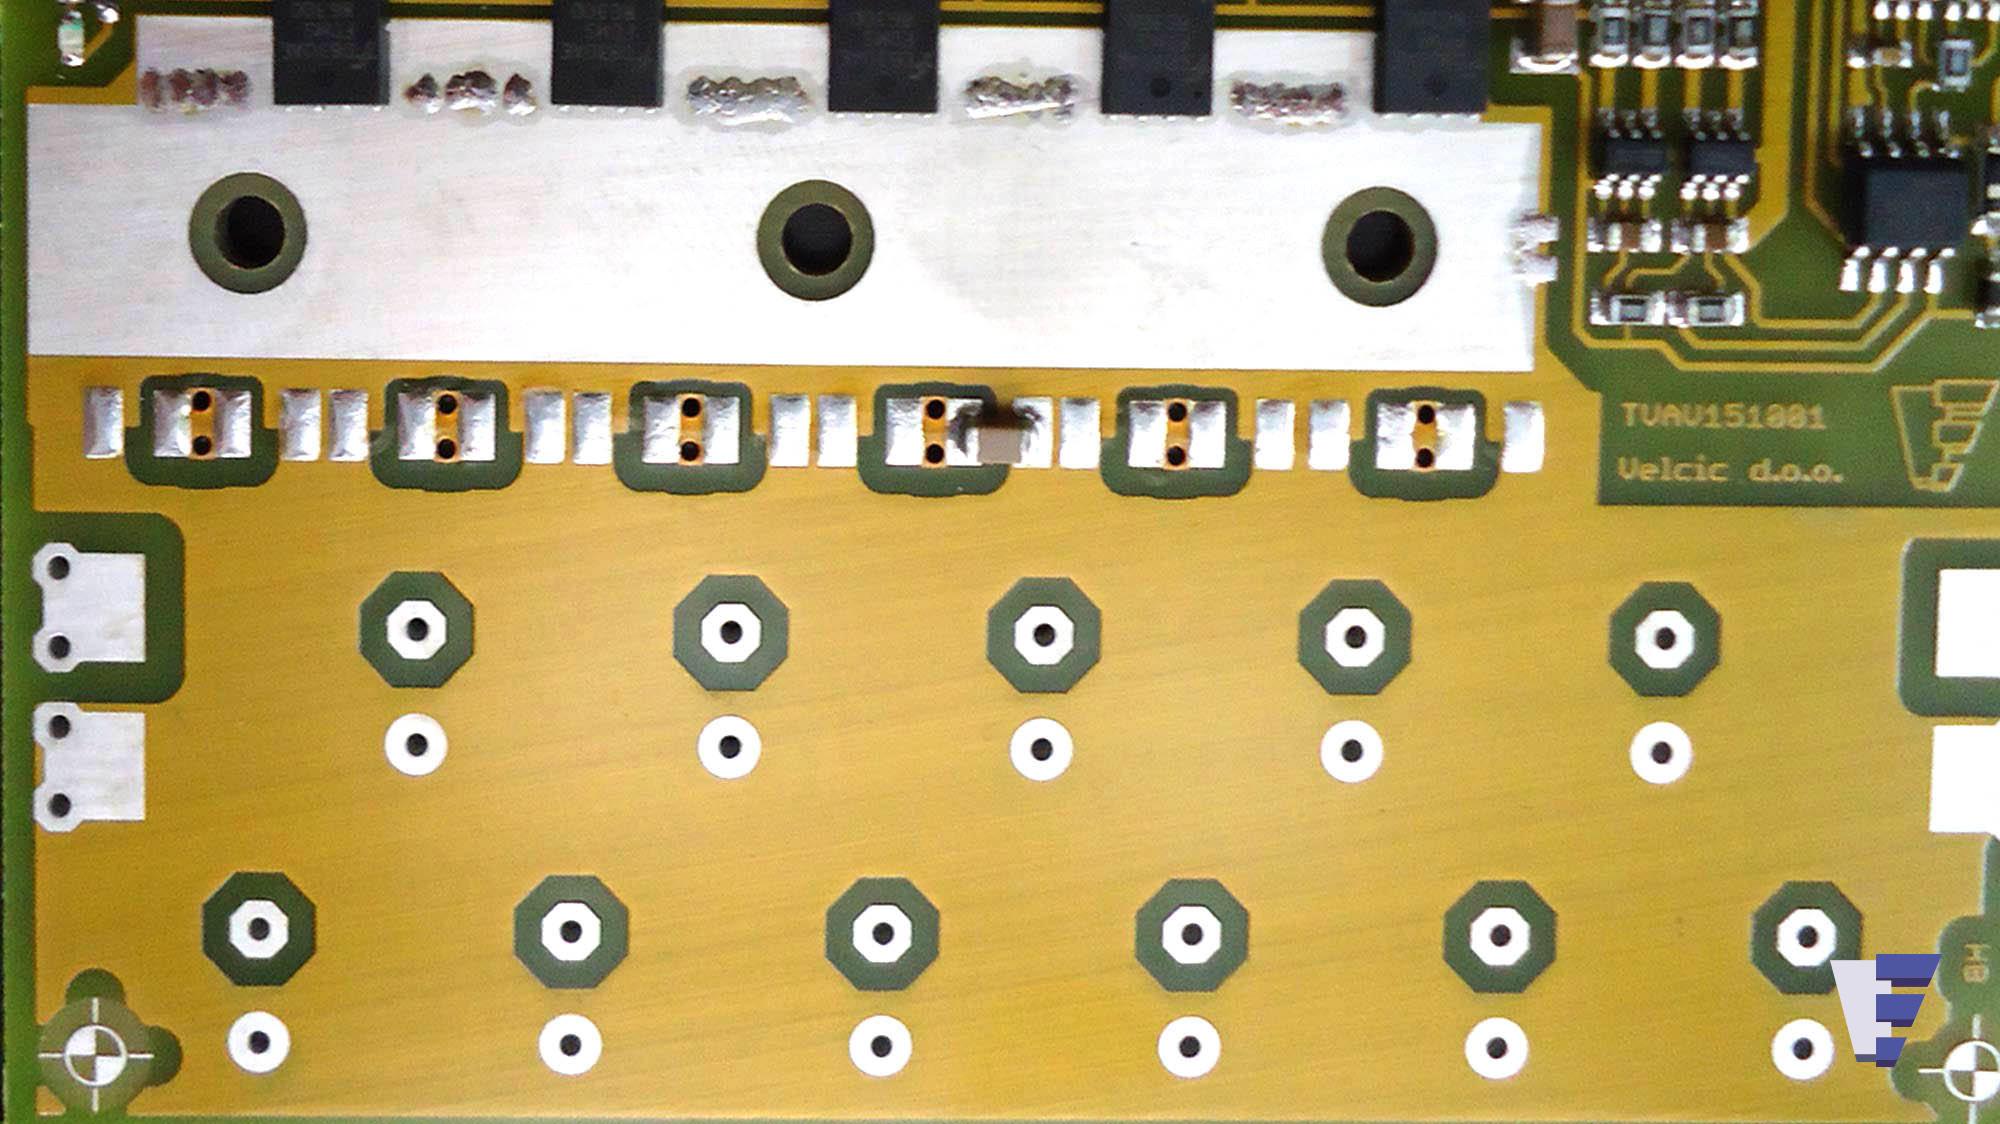 Invertor Velcic d.o.o. - zaštita električnih alata